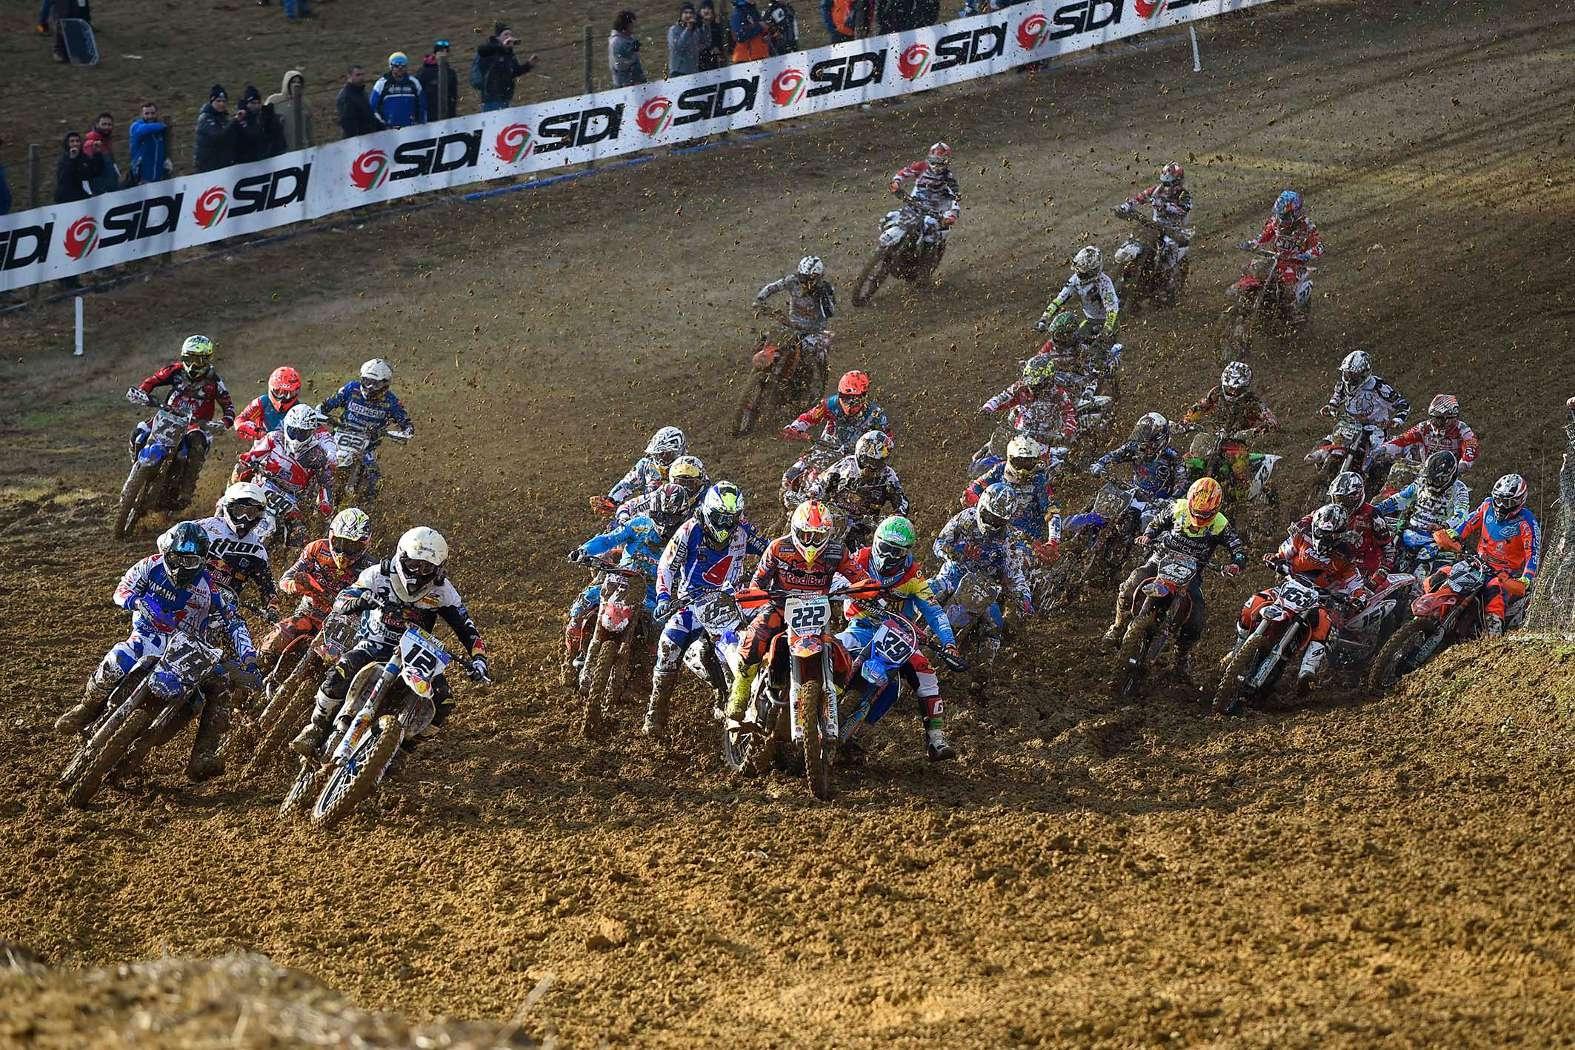 Oltre 5mila per gli Internazionali d'Italia di Motocross a Gioiella, le foto